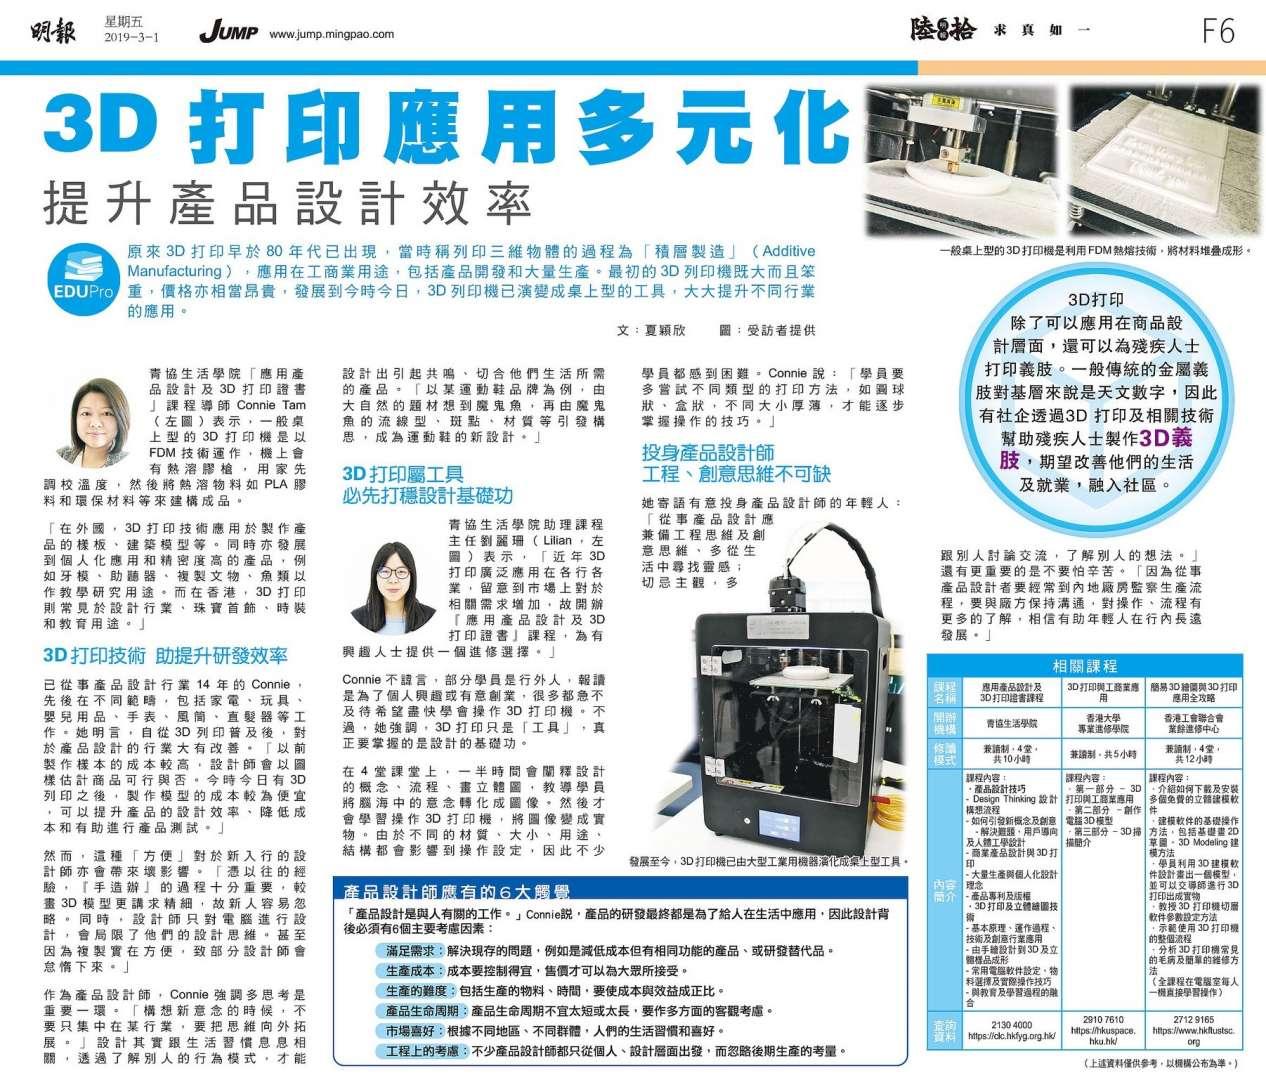 3D打印應用多元化  提升產品設計效率